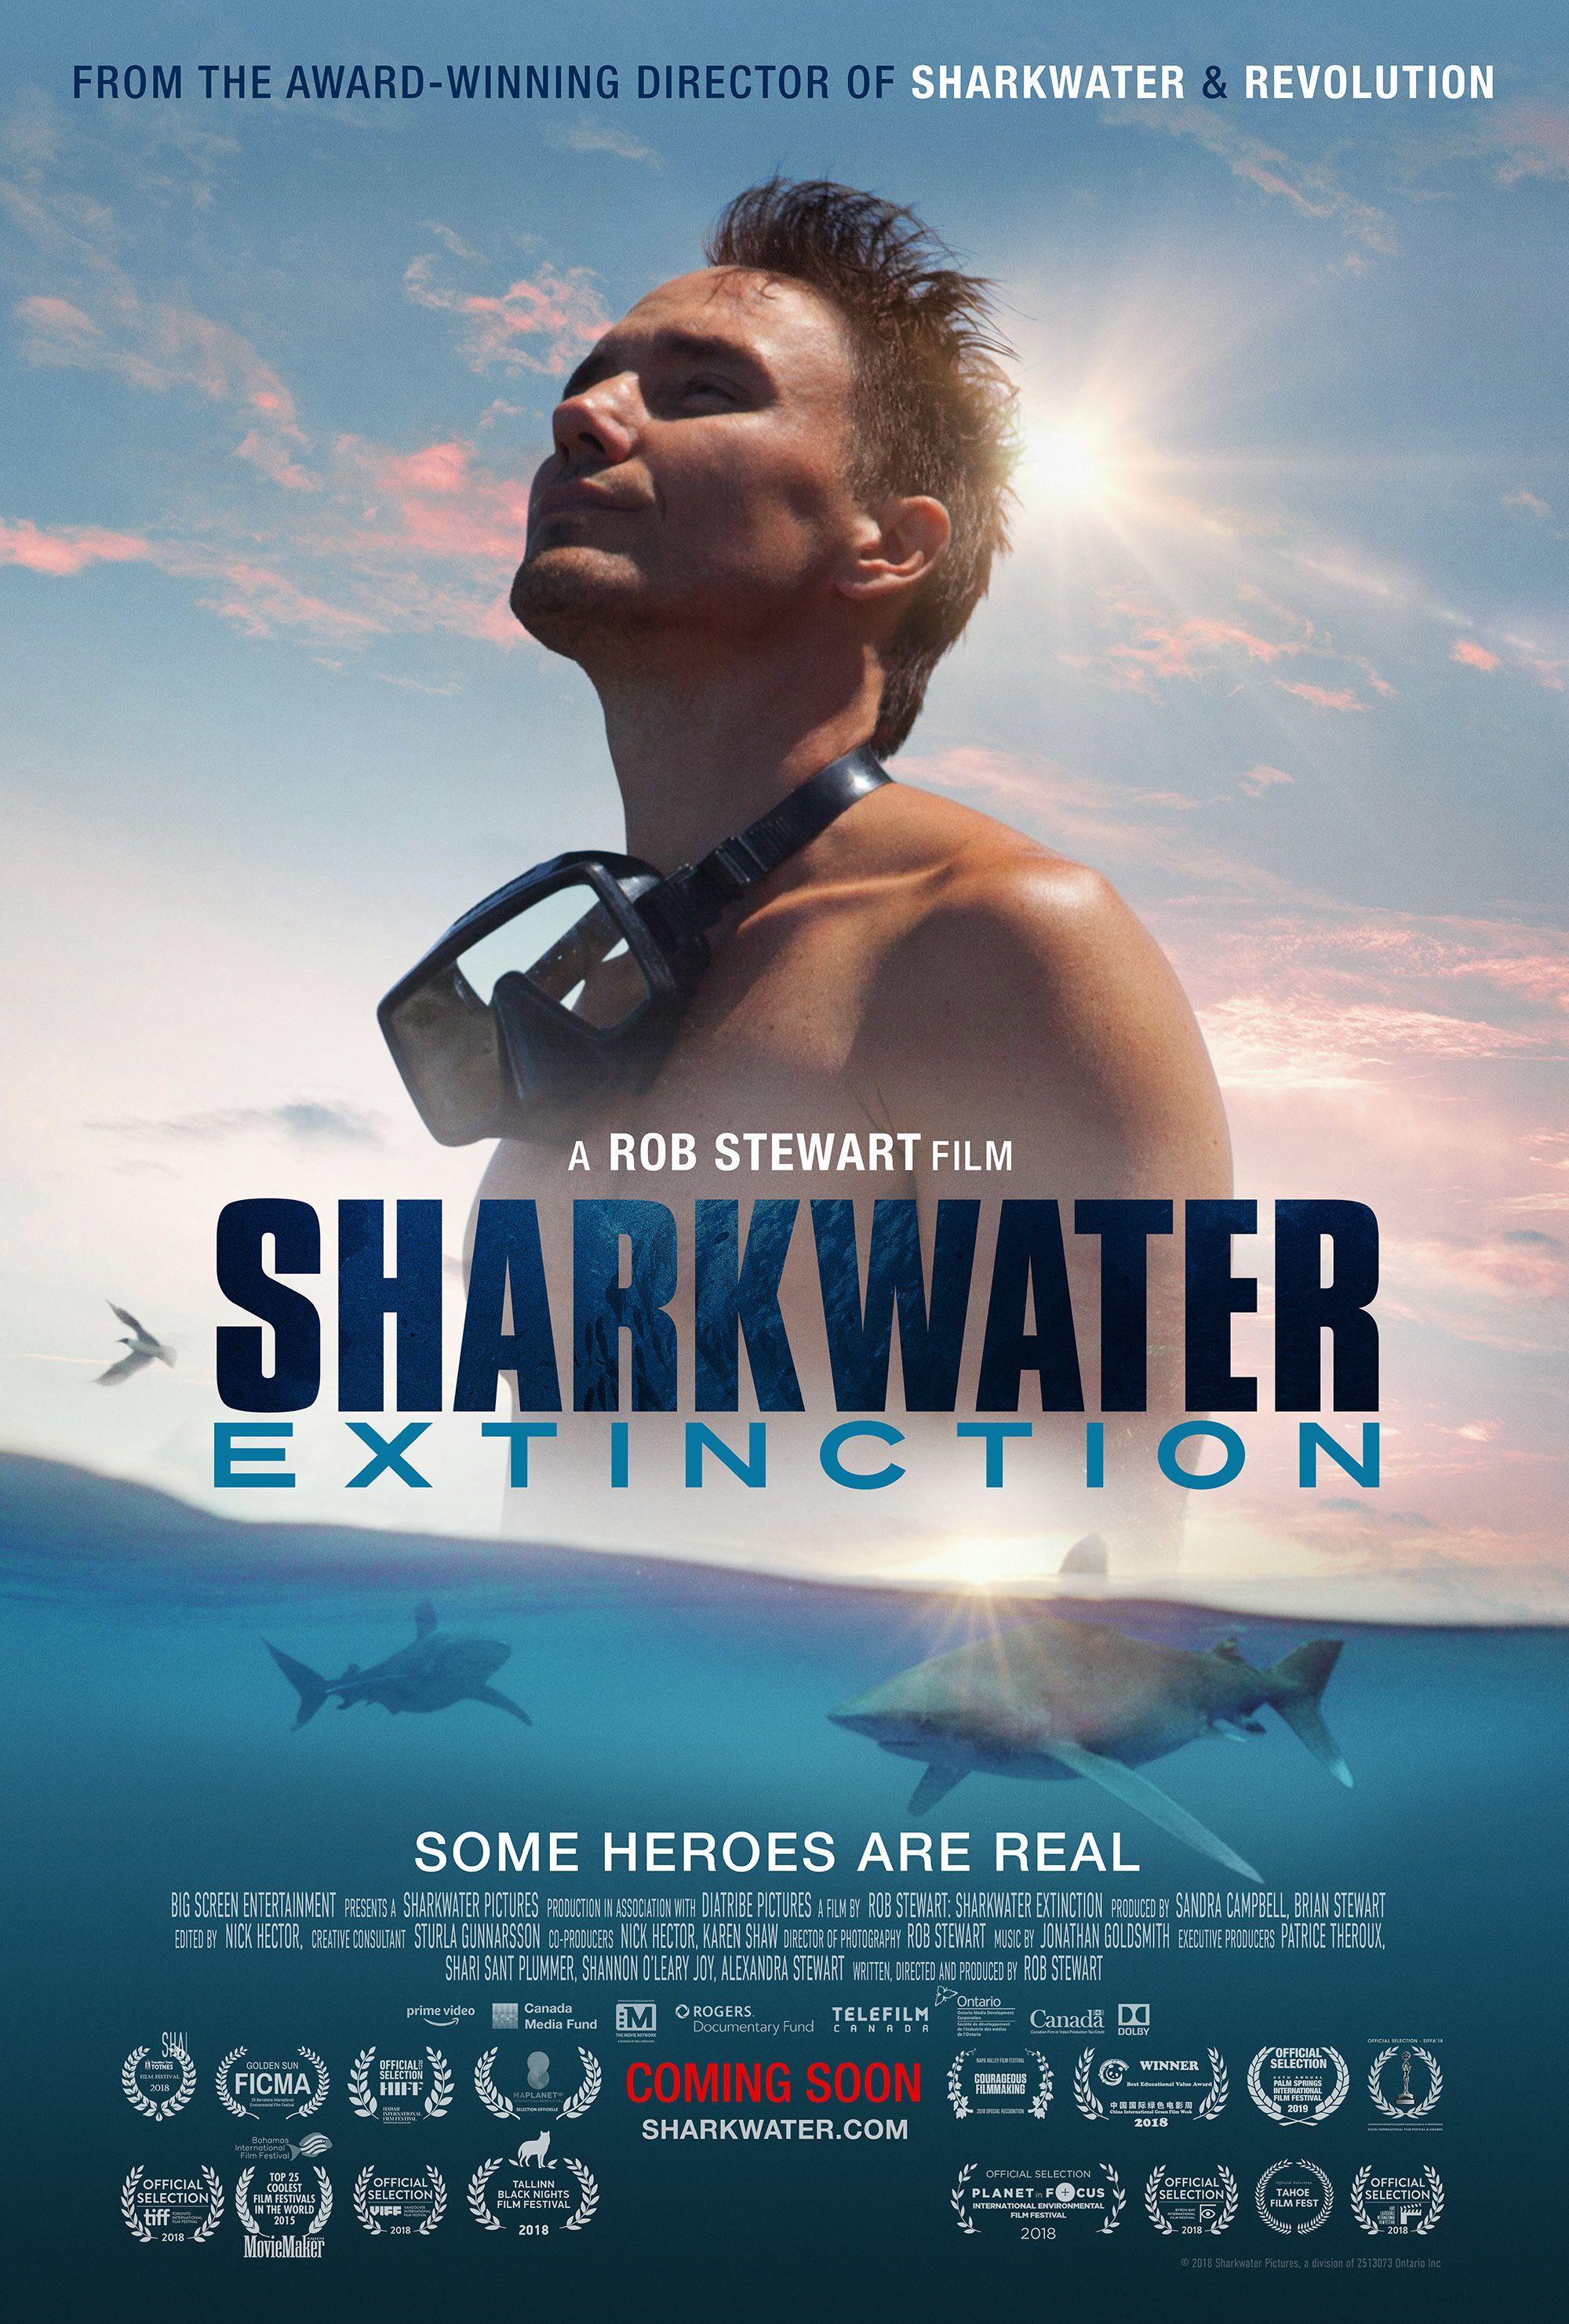 Poster Filma Akuly Vymiranie Shark Film Film Extinction